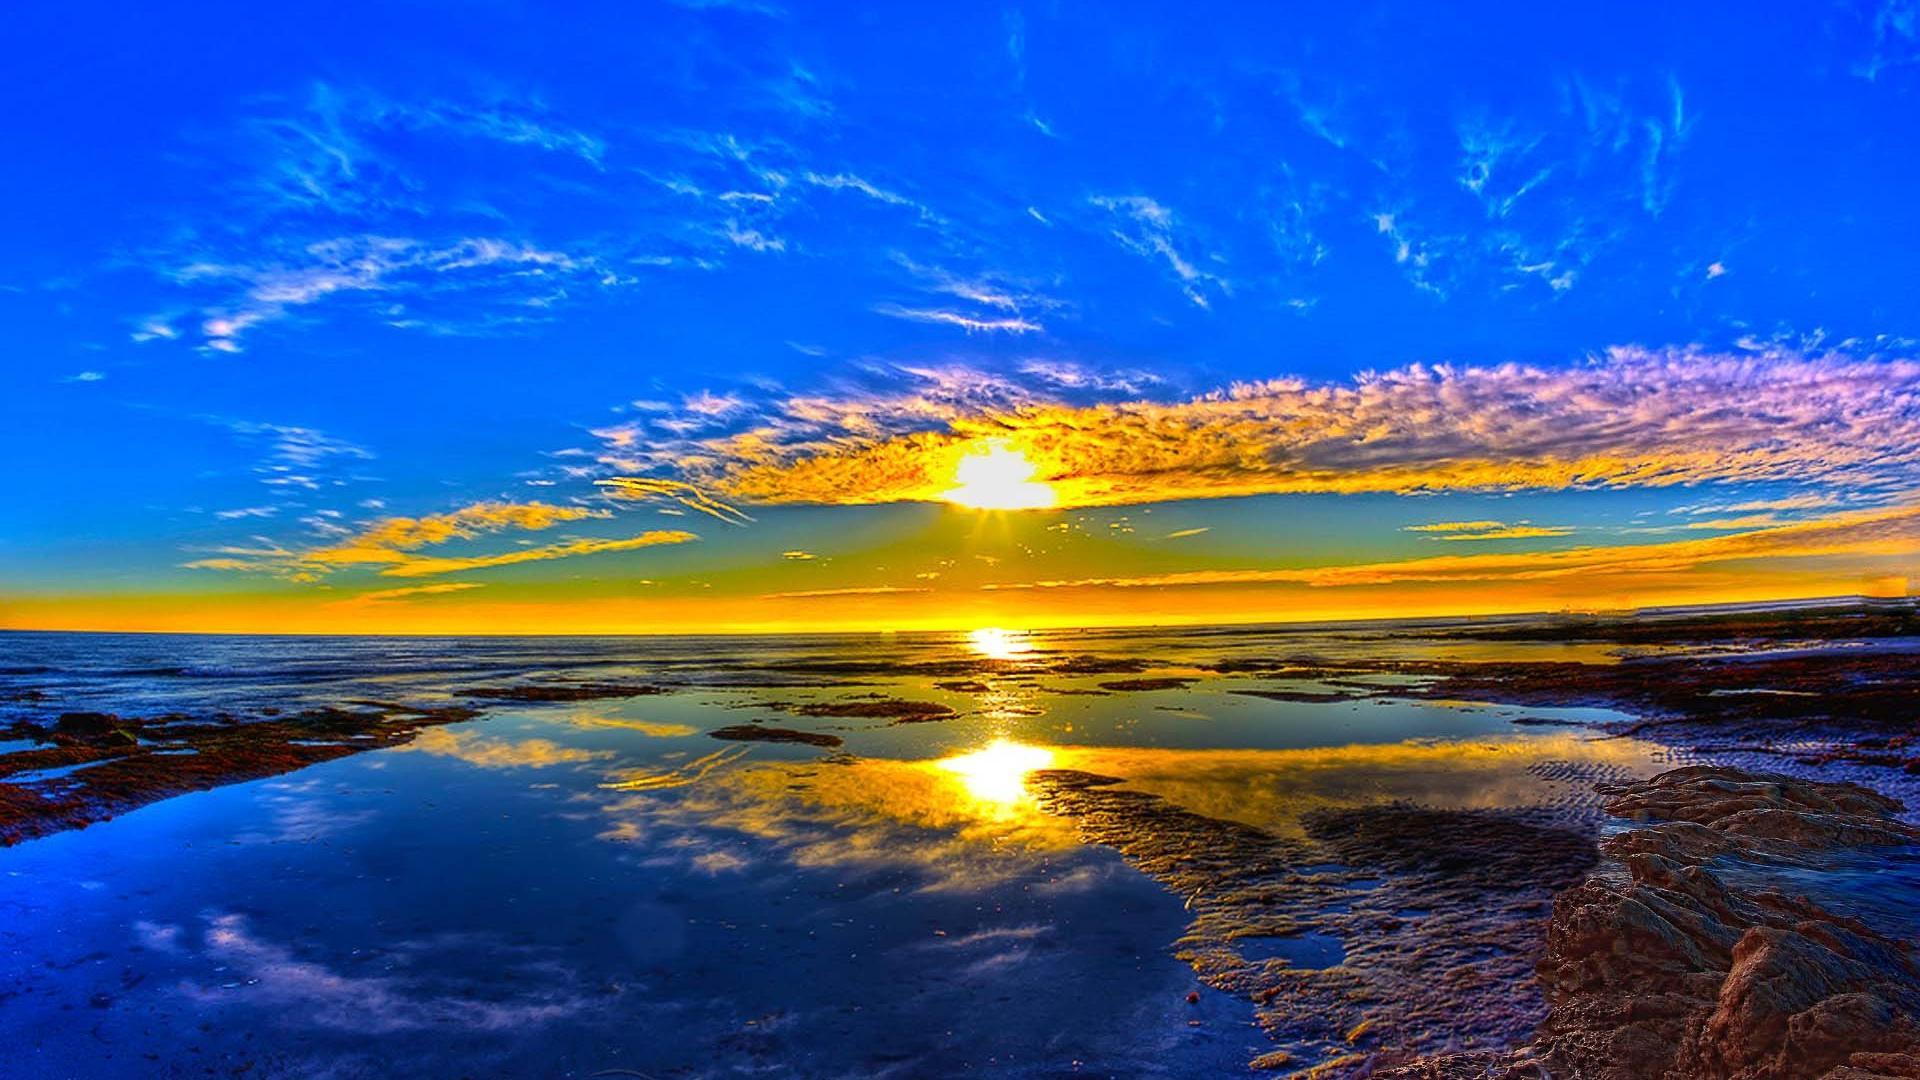 Mặt Trời Mọc Hinh-a10